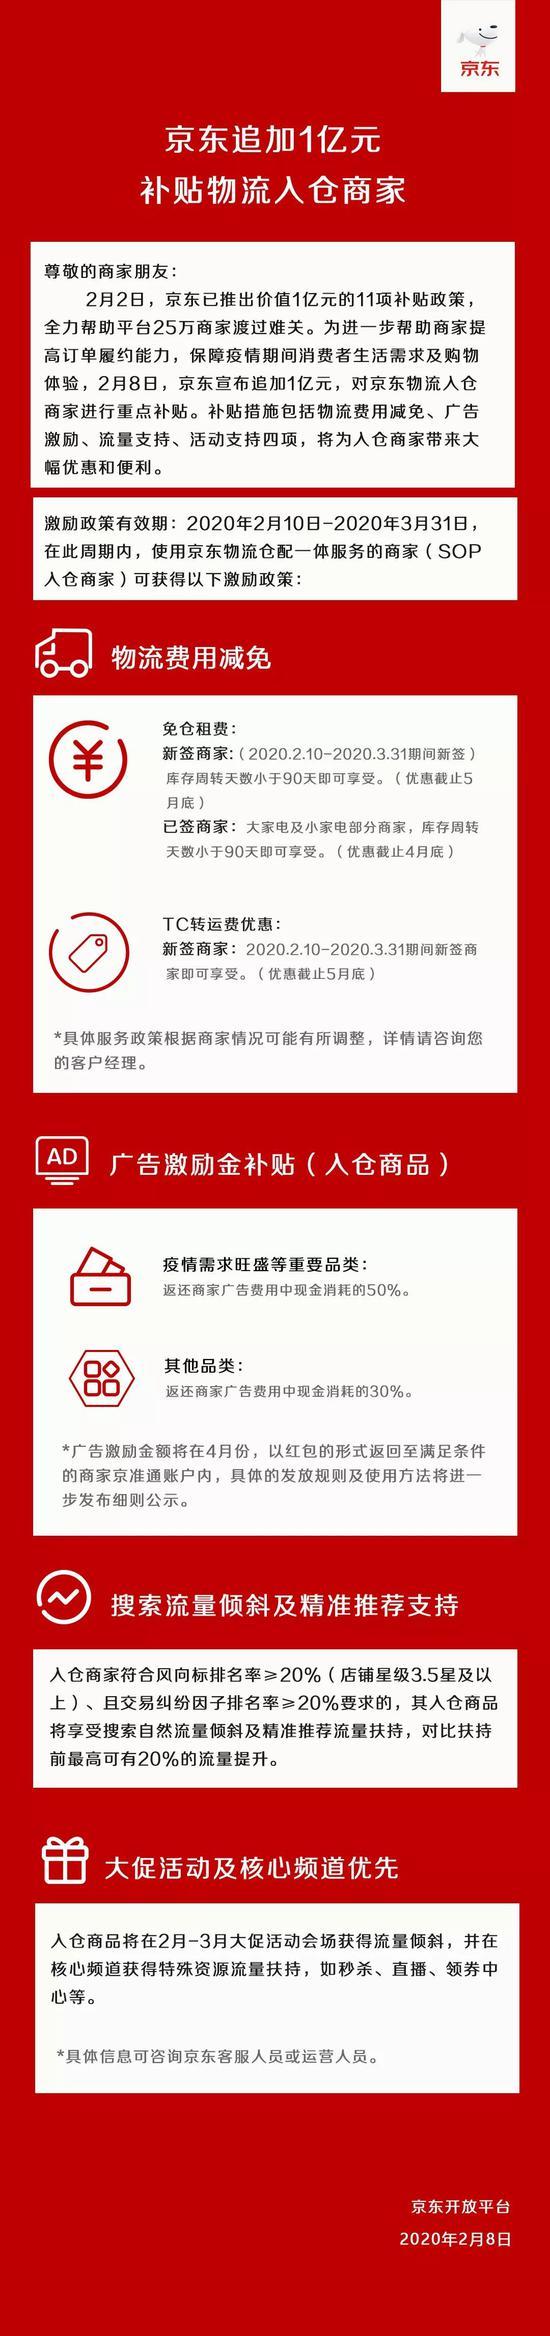 http://www.shangoudaohang.com/jinrong/288317.html